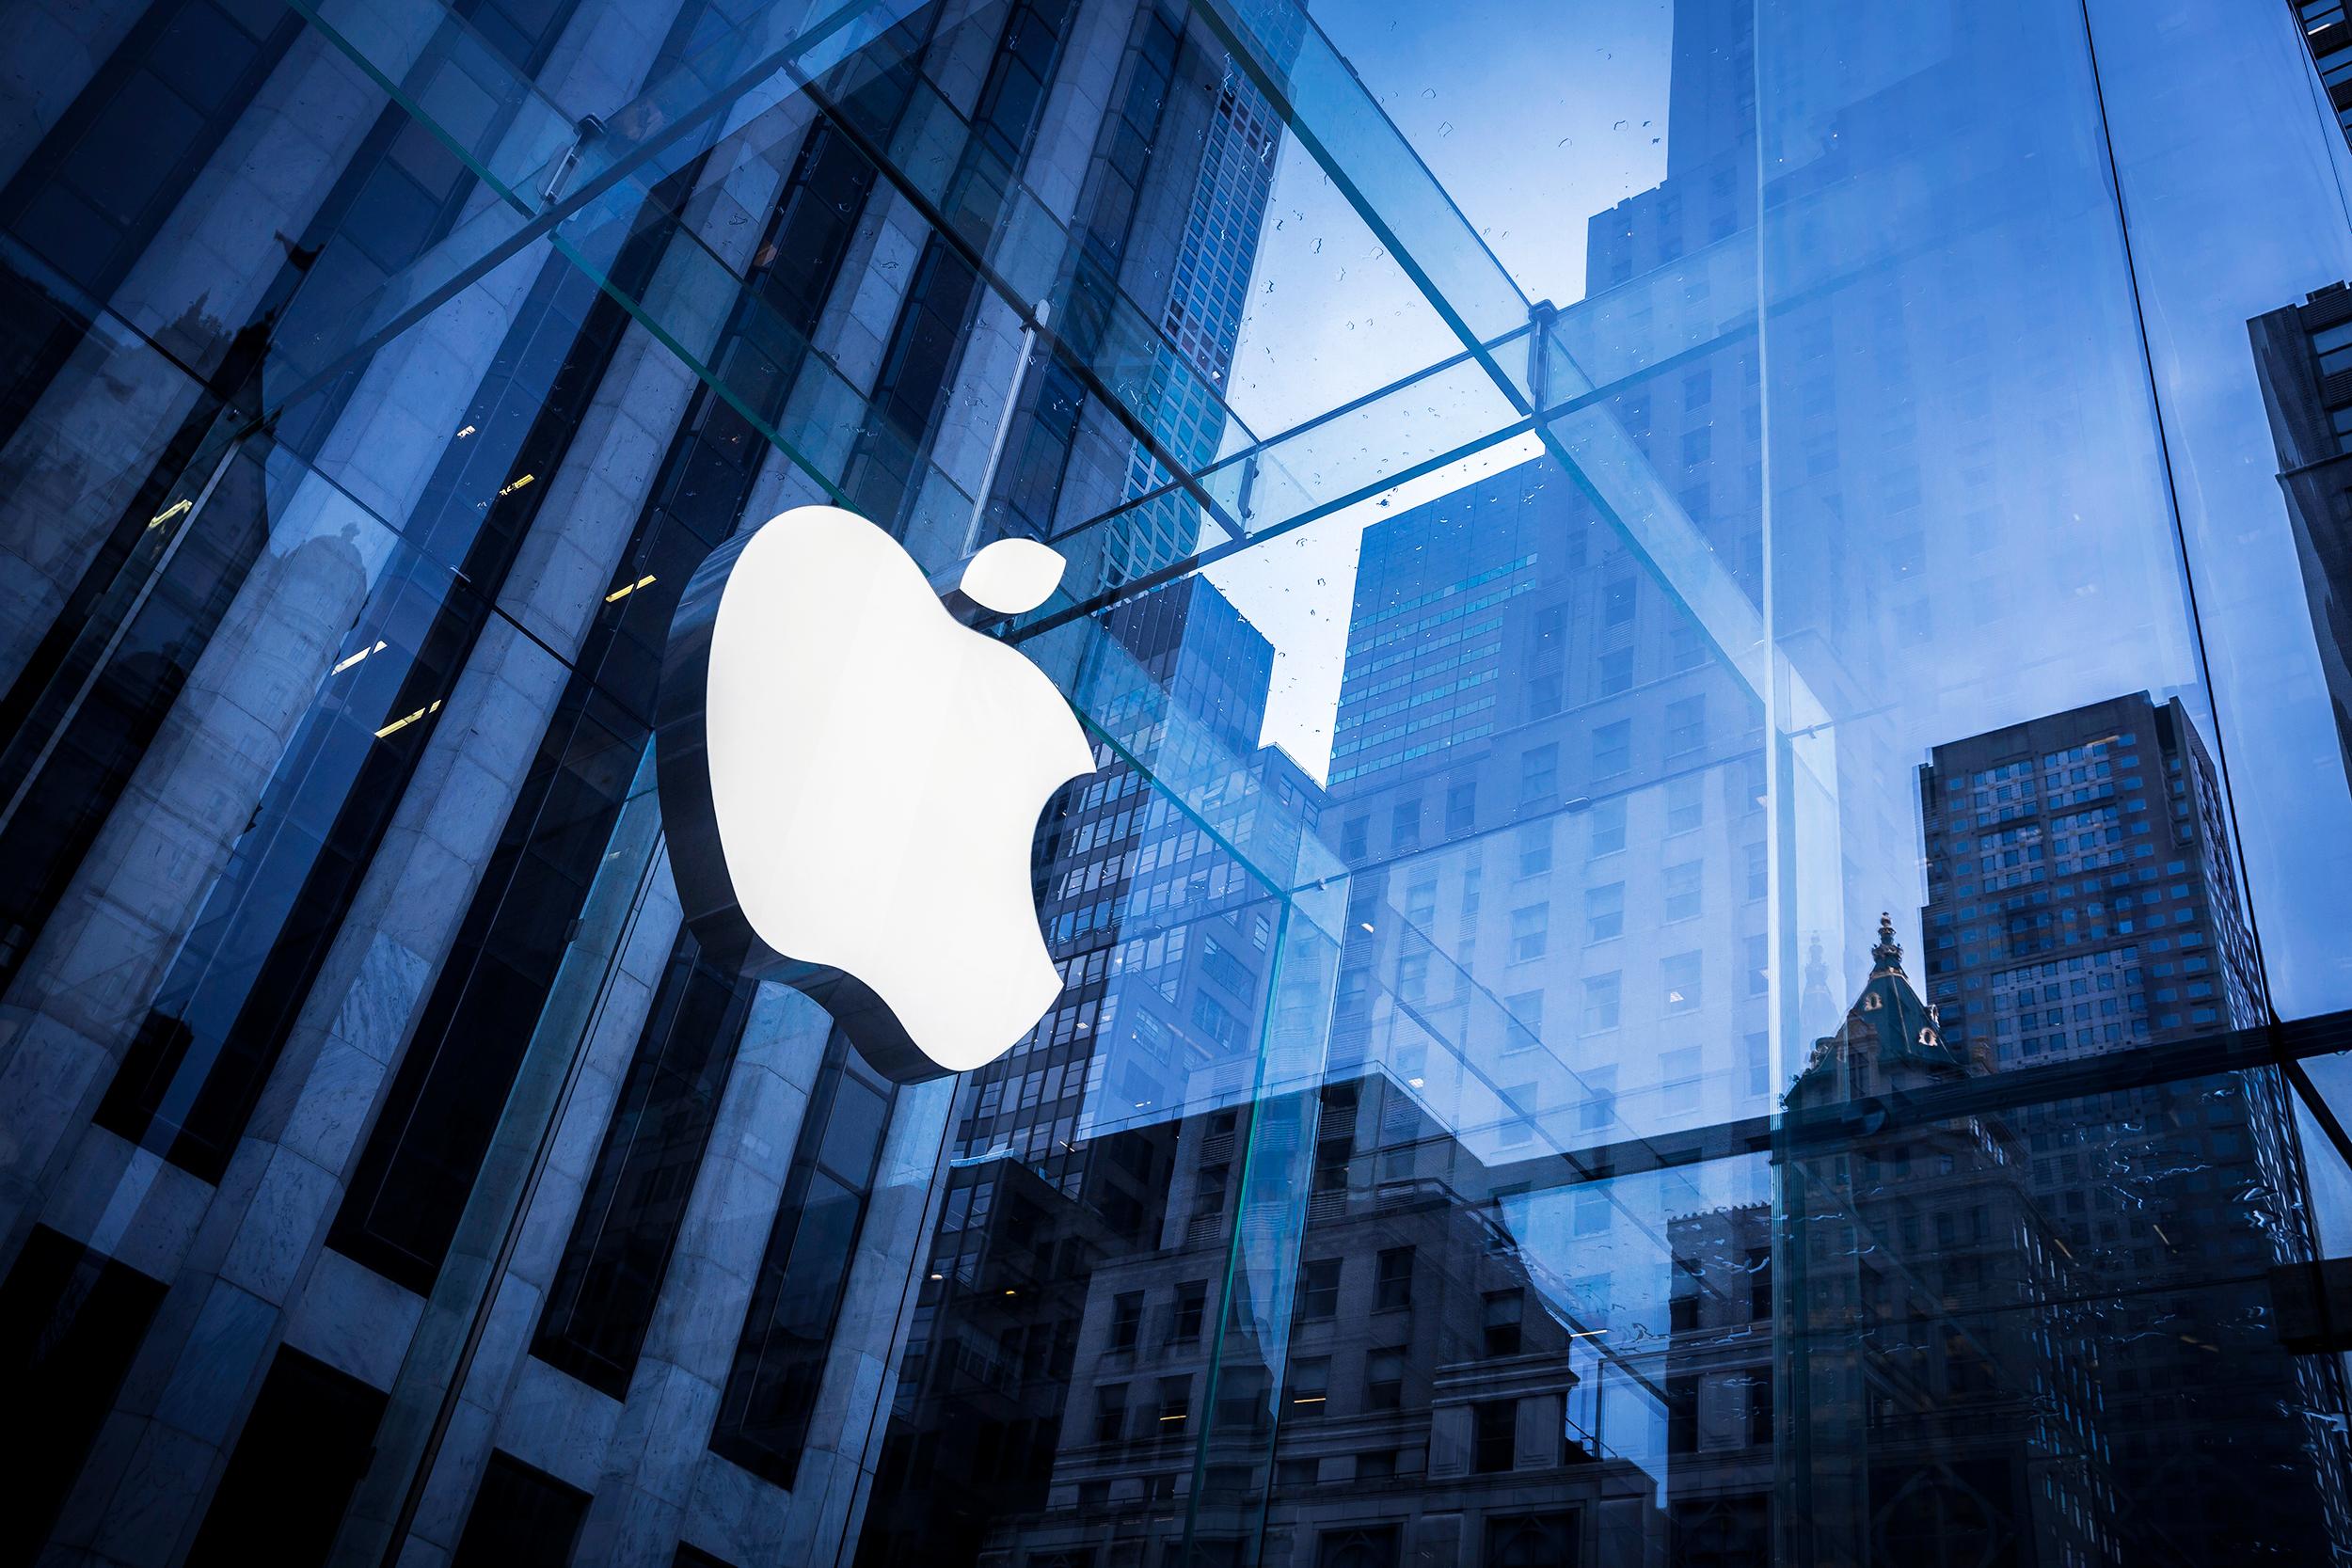 Сколько стоят узнаваемые компании в мире?